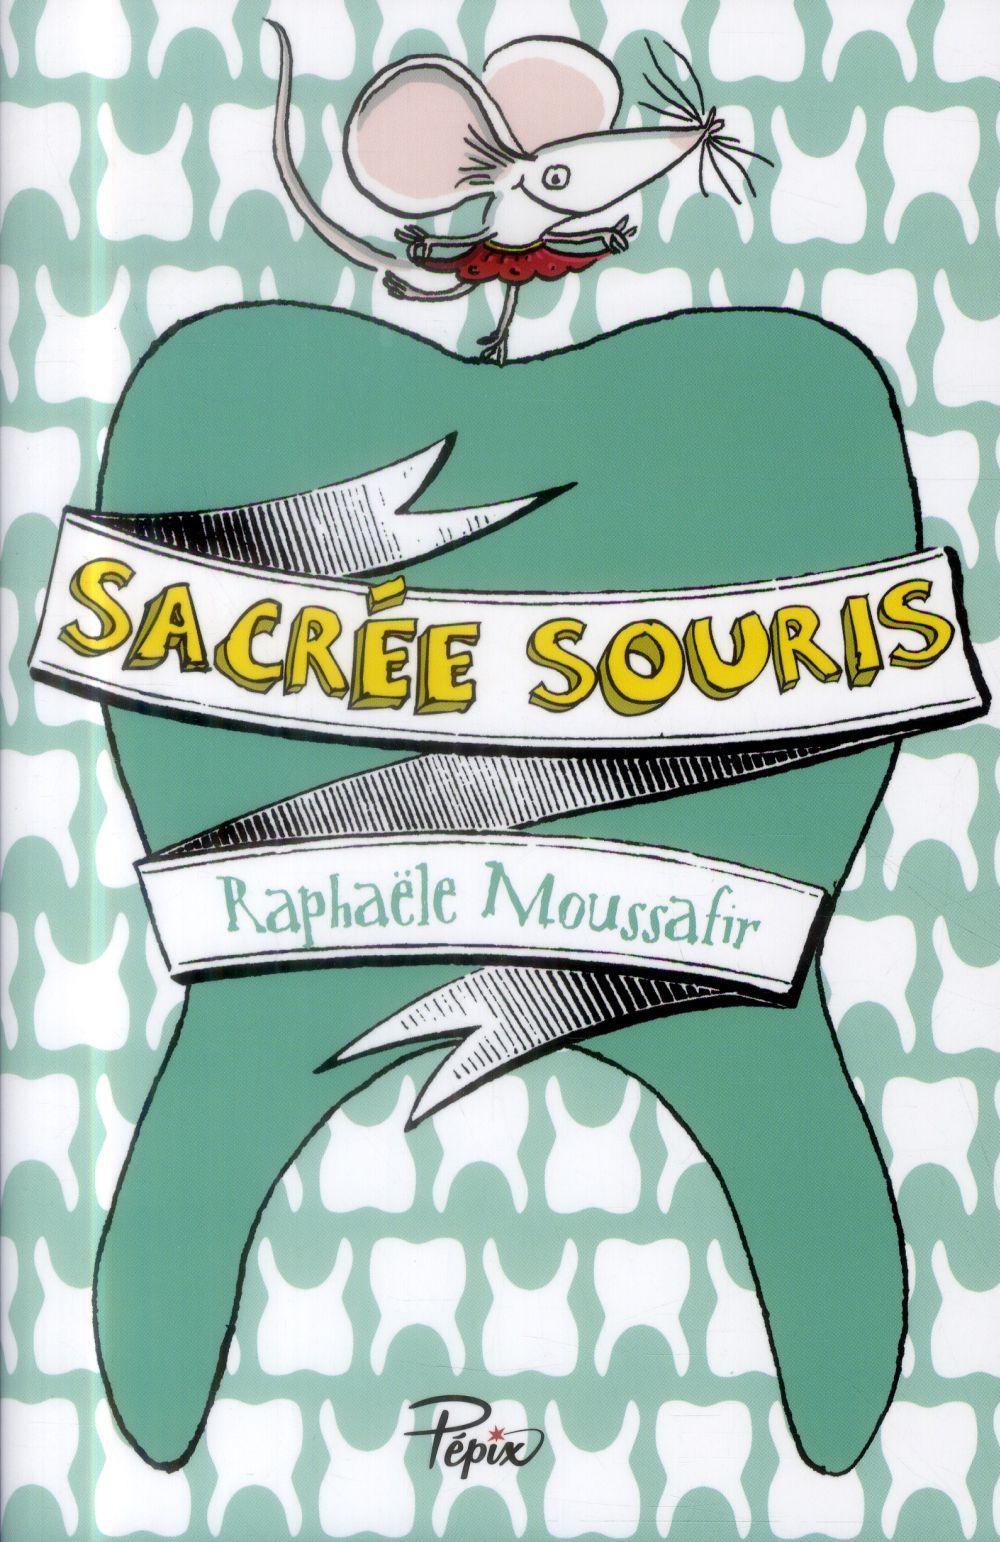 SACREE SOURIS - NOUVELLE COLLECTION PEPIX